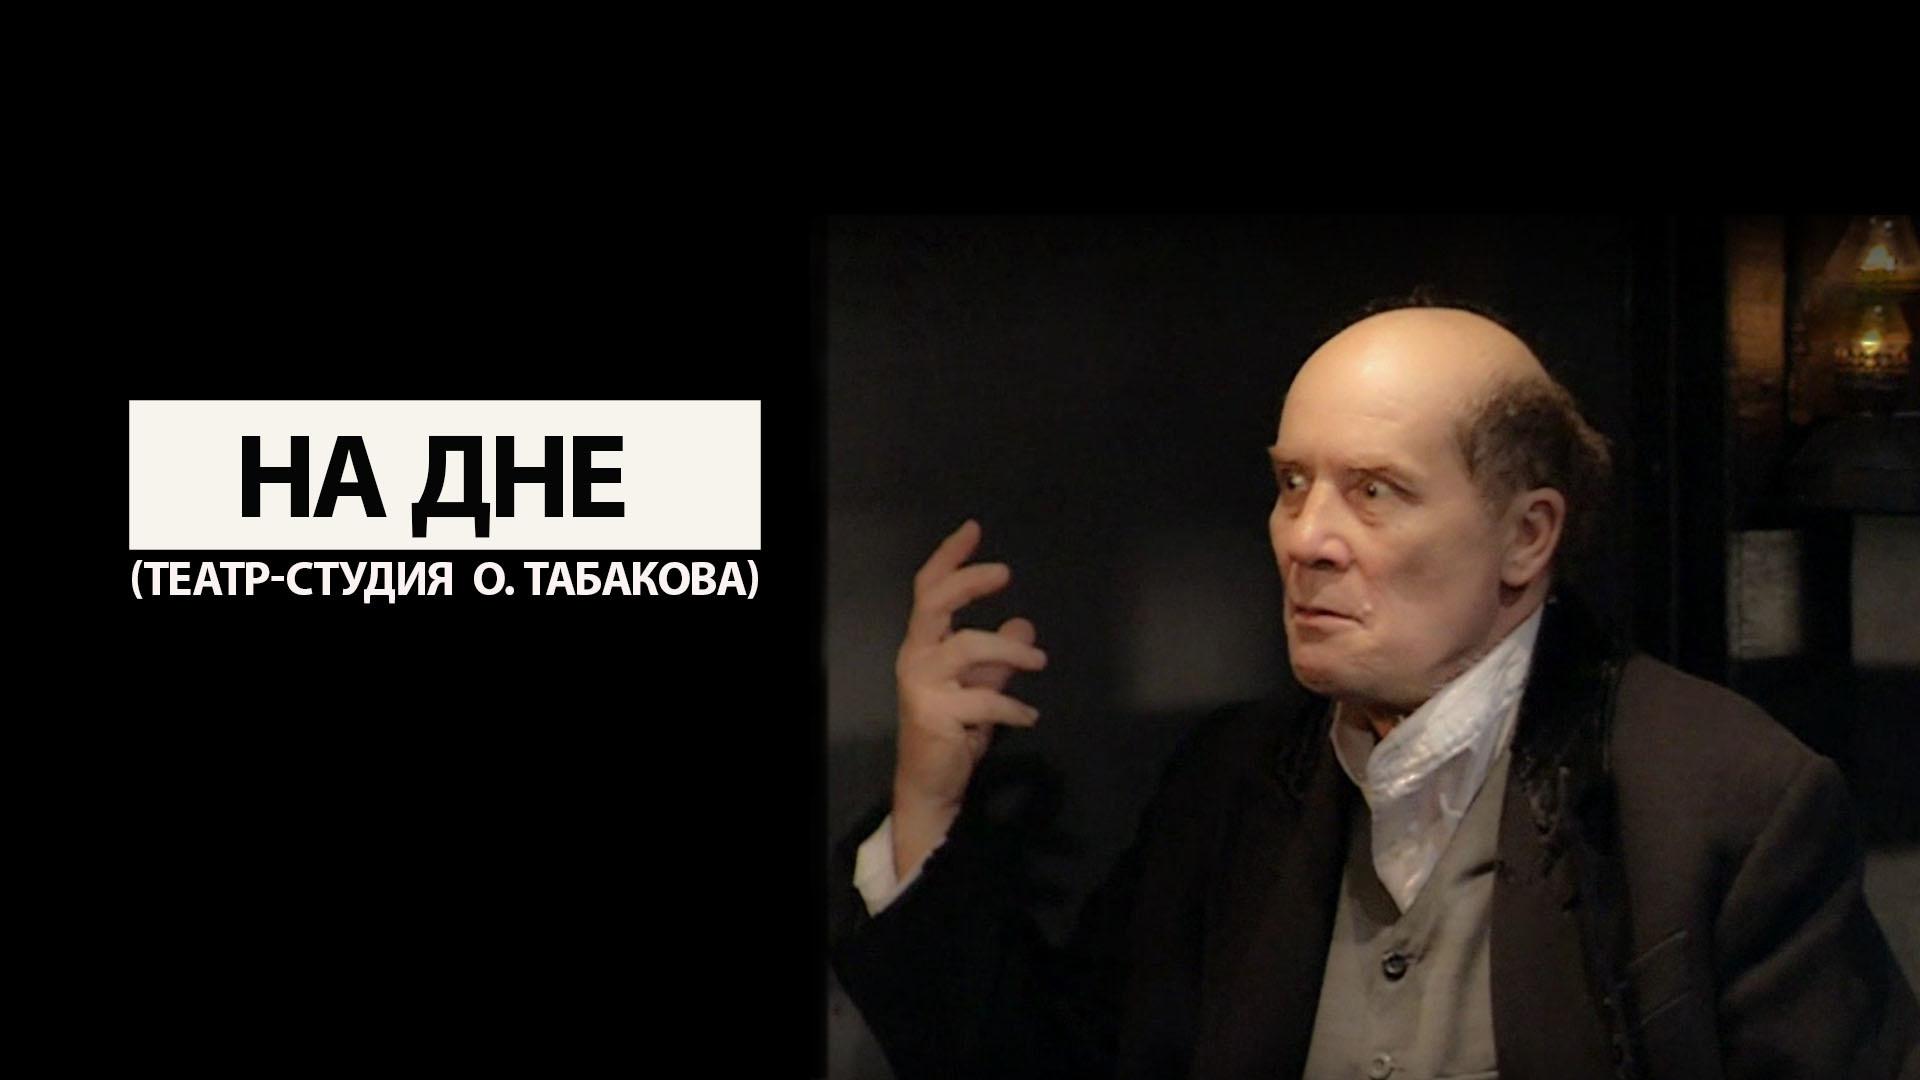 На дне (Театр-студия под руководством О. Табакова)